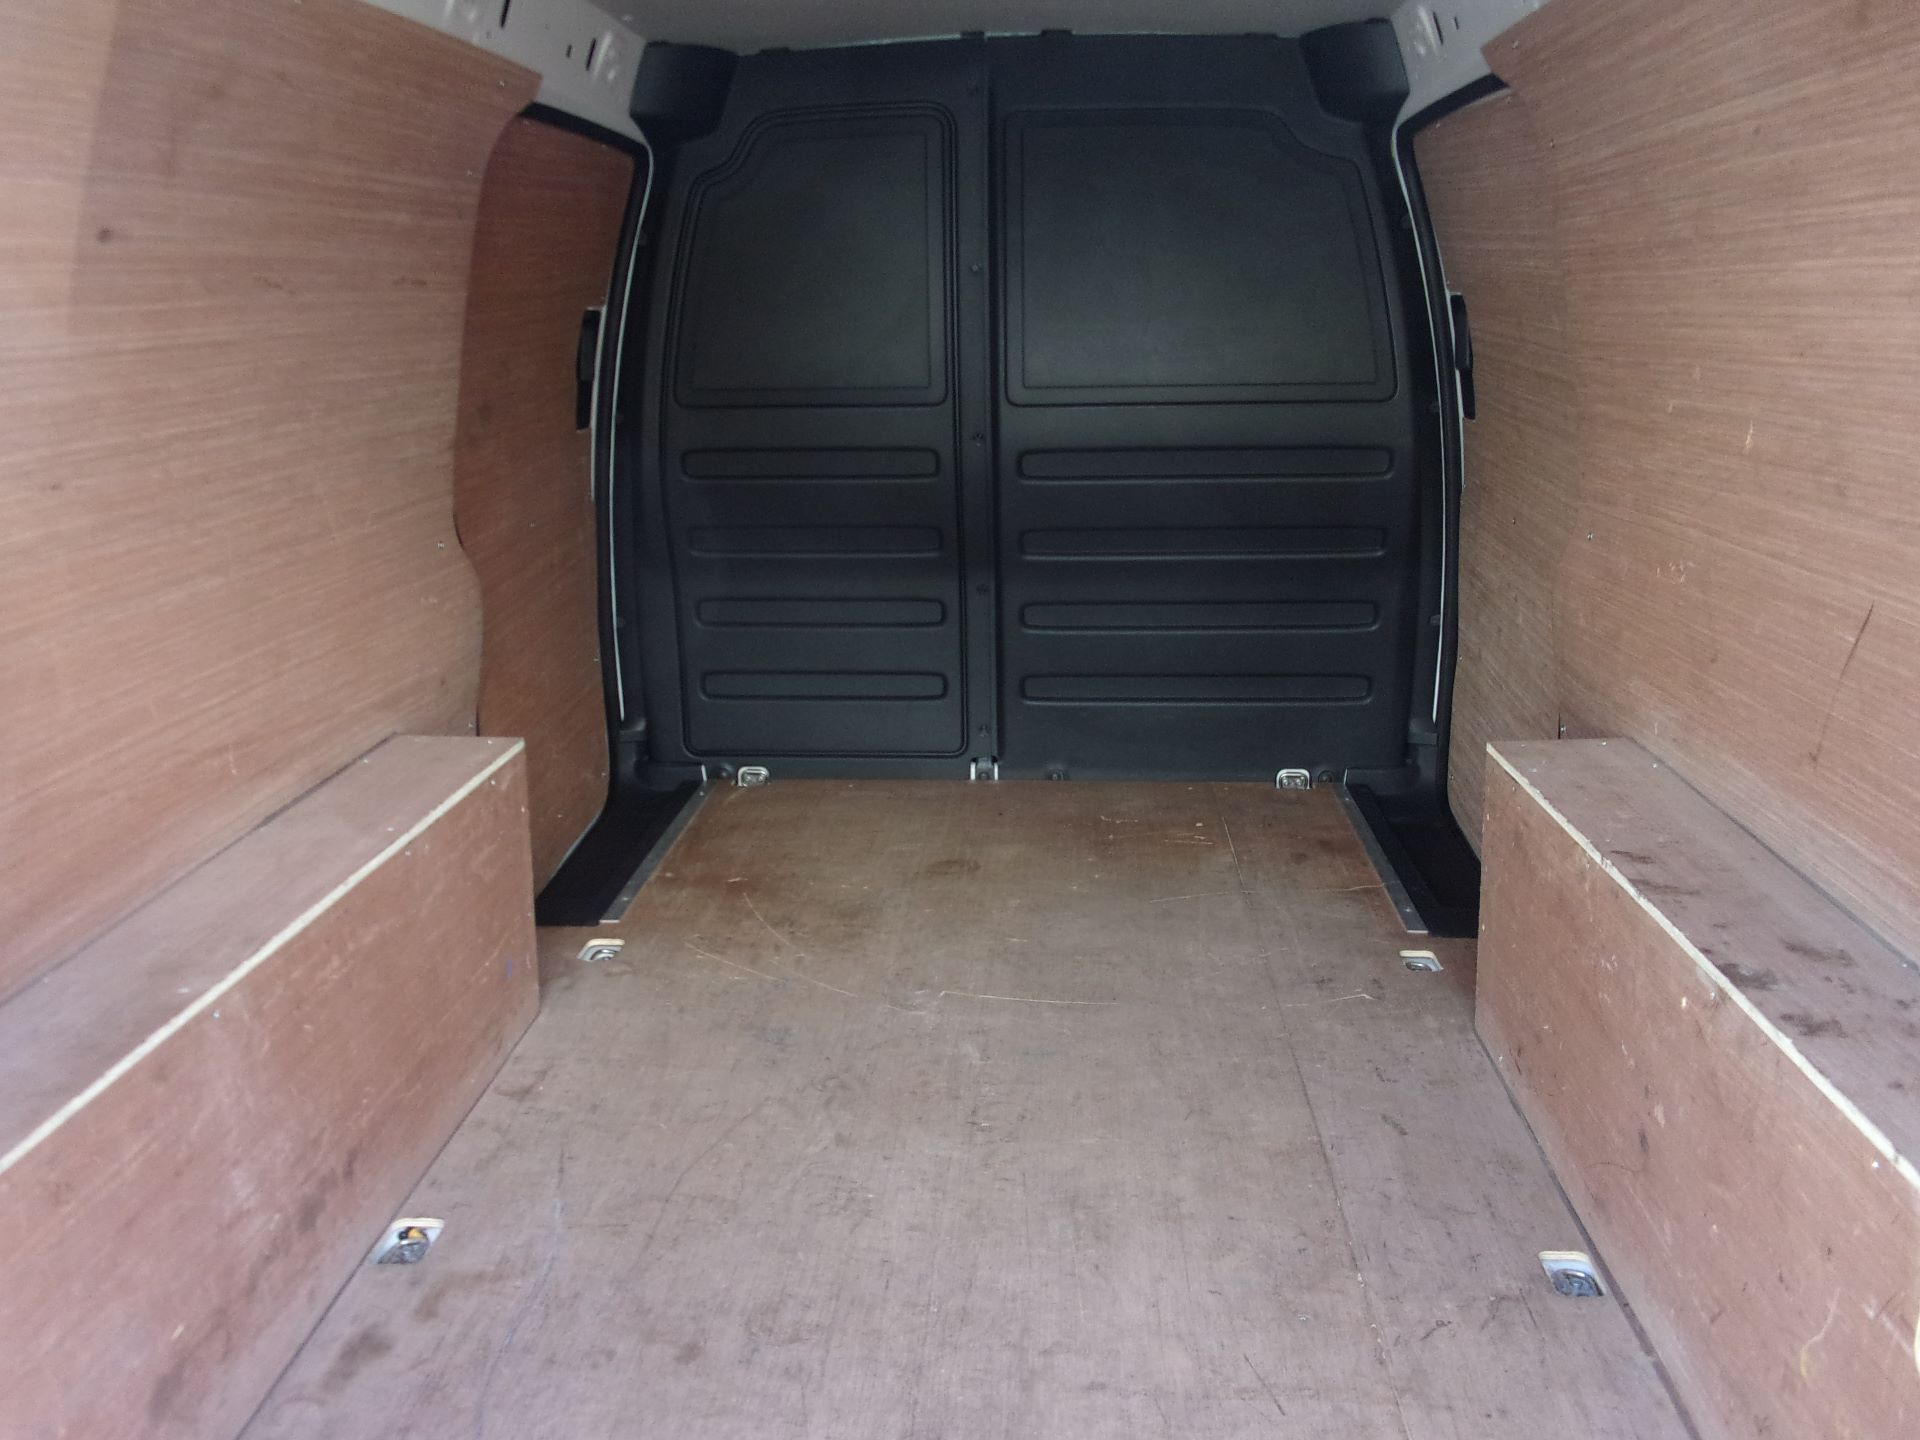 2018 Volkswagen Caddy Maxi C20 2.0 TDI 102PS BMT STARTLINE VAN EURO 6 (GC18CKP) Image 19